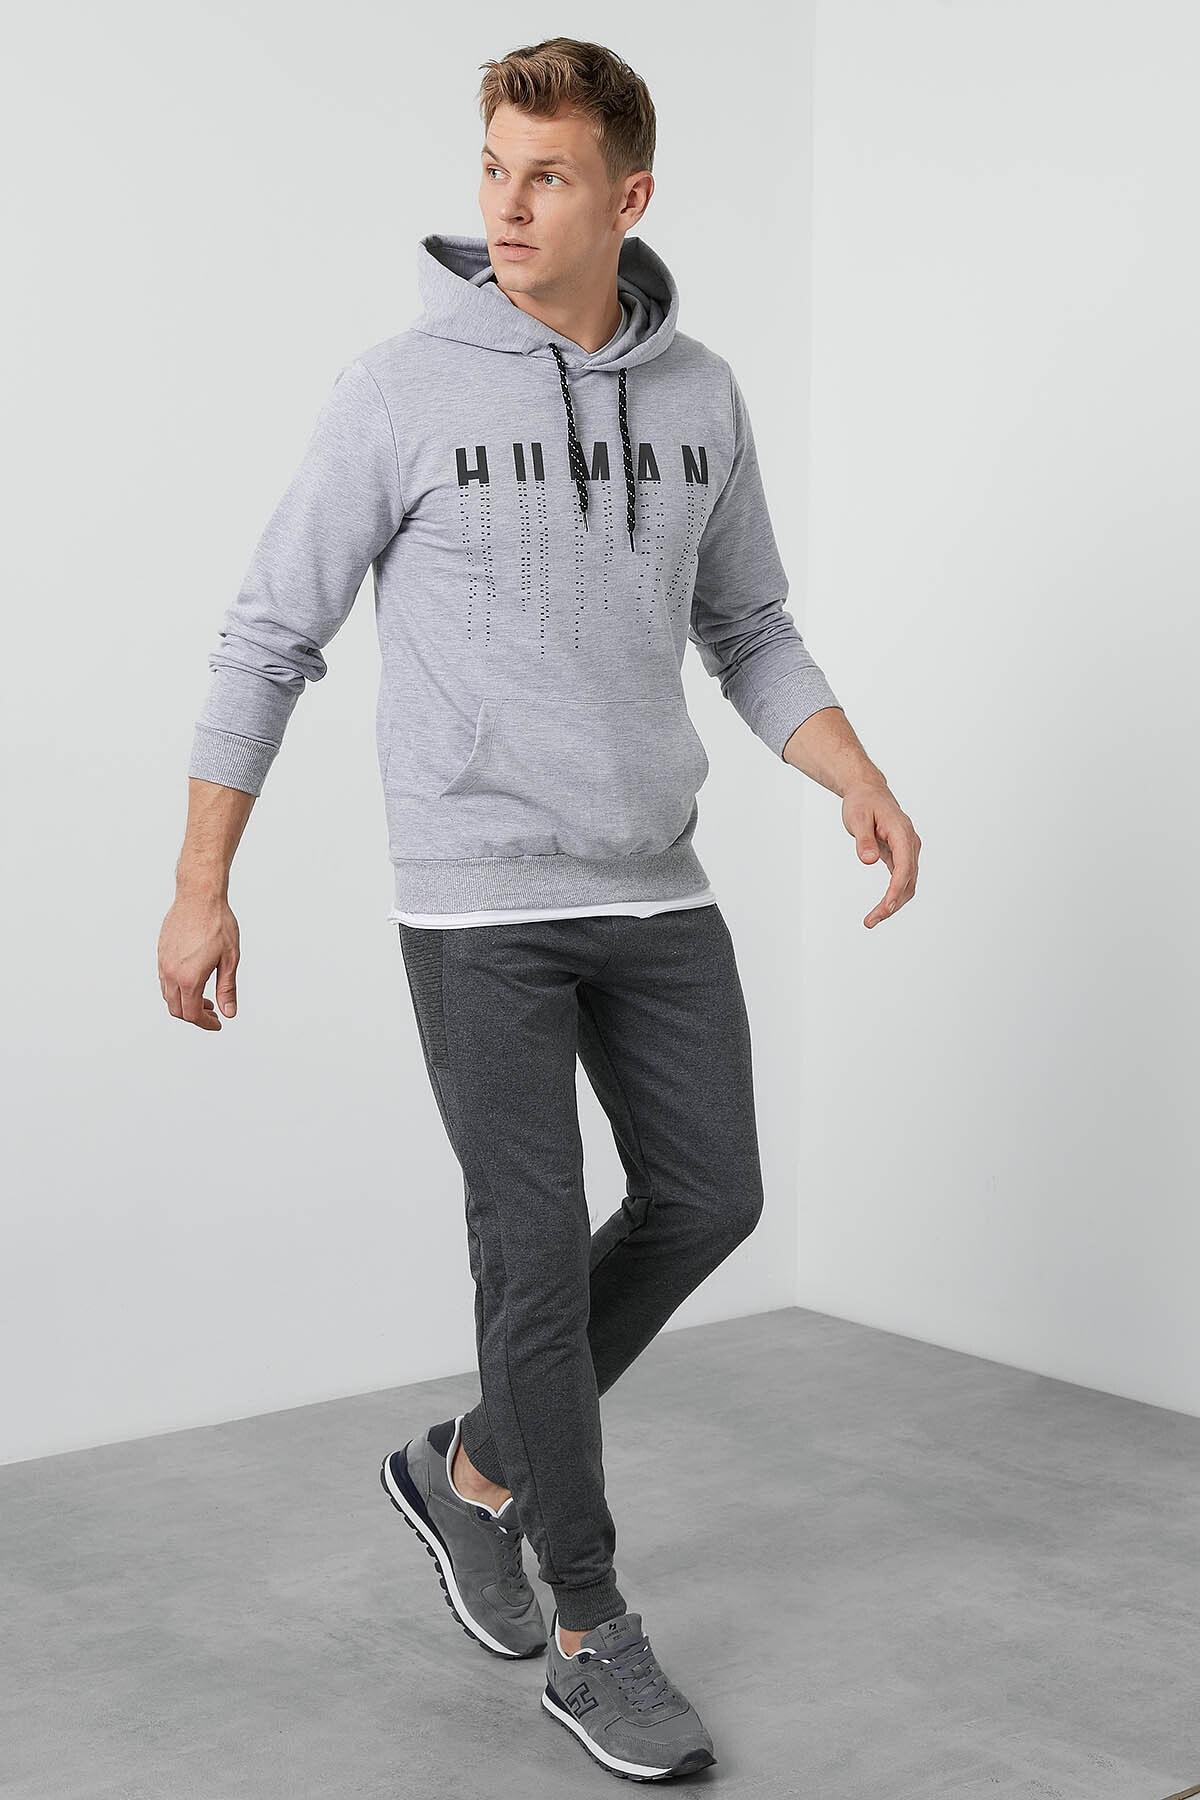 Buratti Erkek Gri Ön Beden Baskılı Kapüşonlu Cepli Standart Fit Sweatshirt 541HUMAN 2